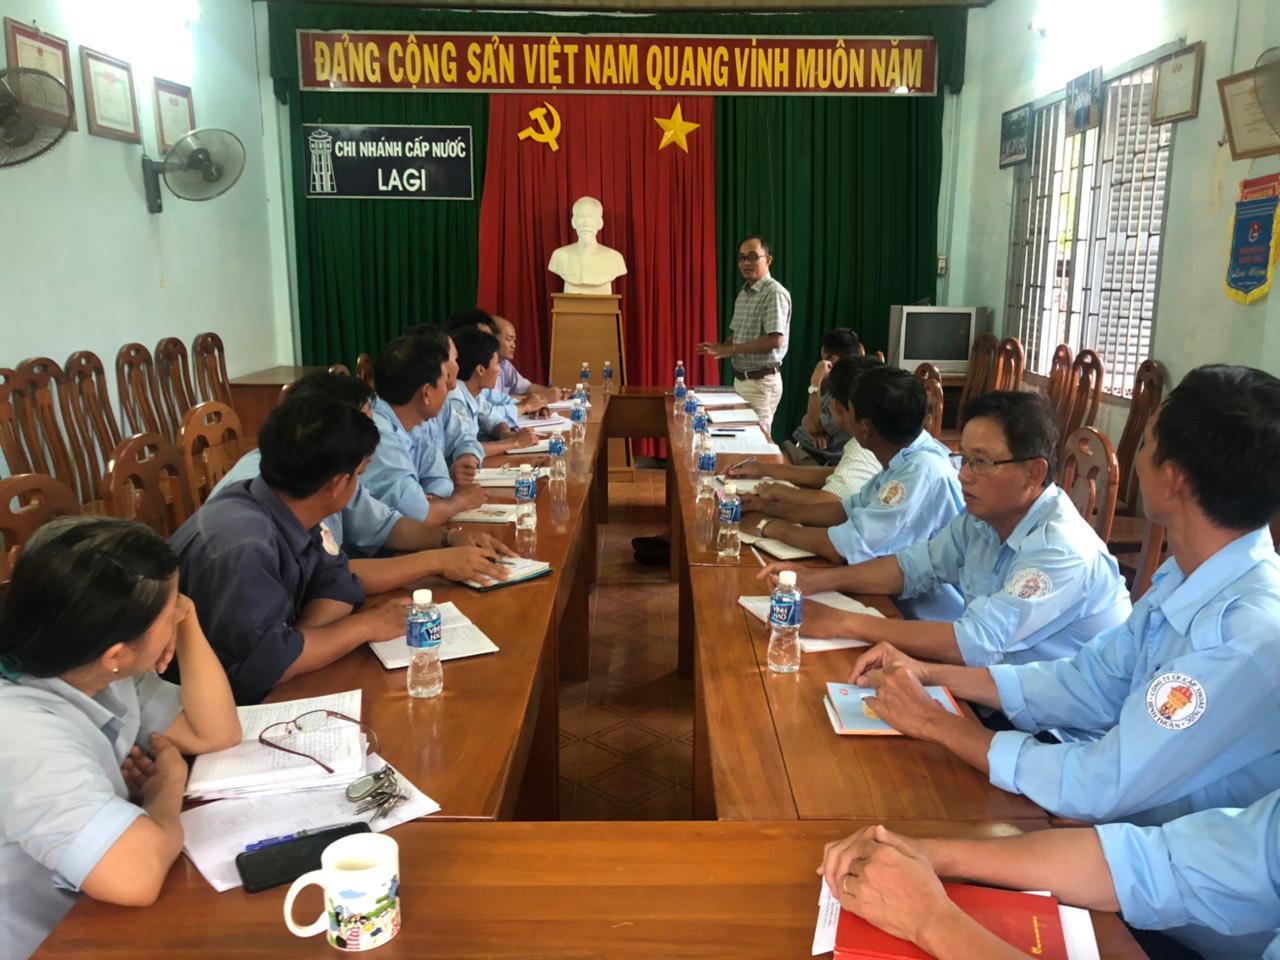 Hình Chi bộ Chi nhánh Cấp thoát nước La Gi tổ chức sinh hoạt Chi bộ định kỳ tháng 9/2019